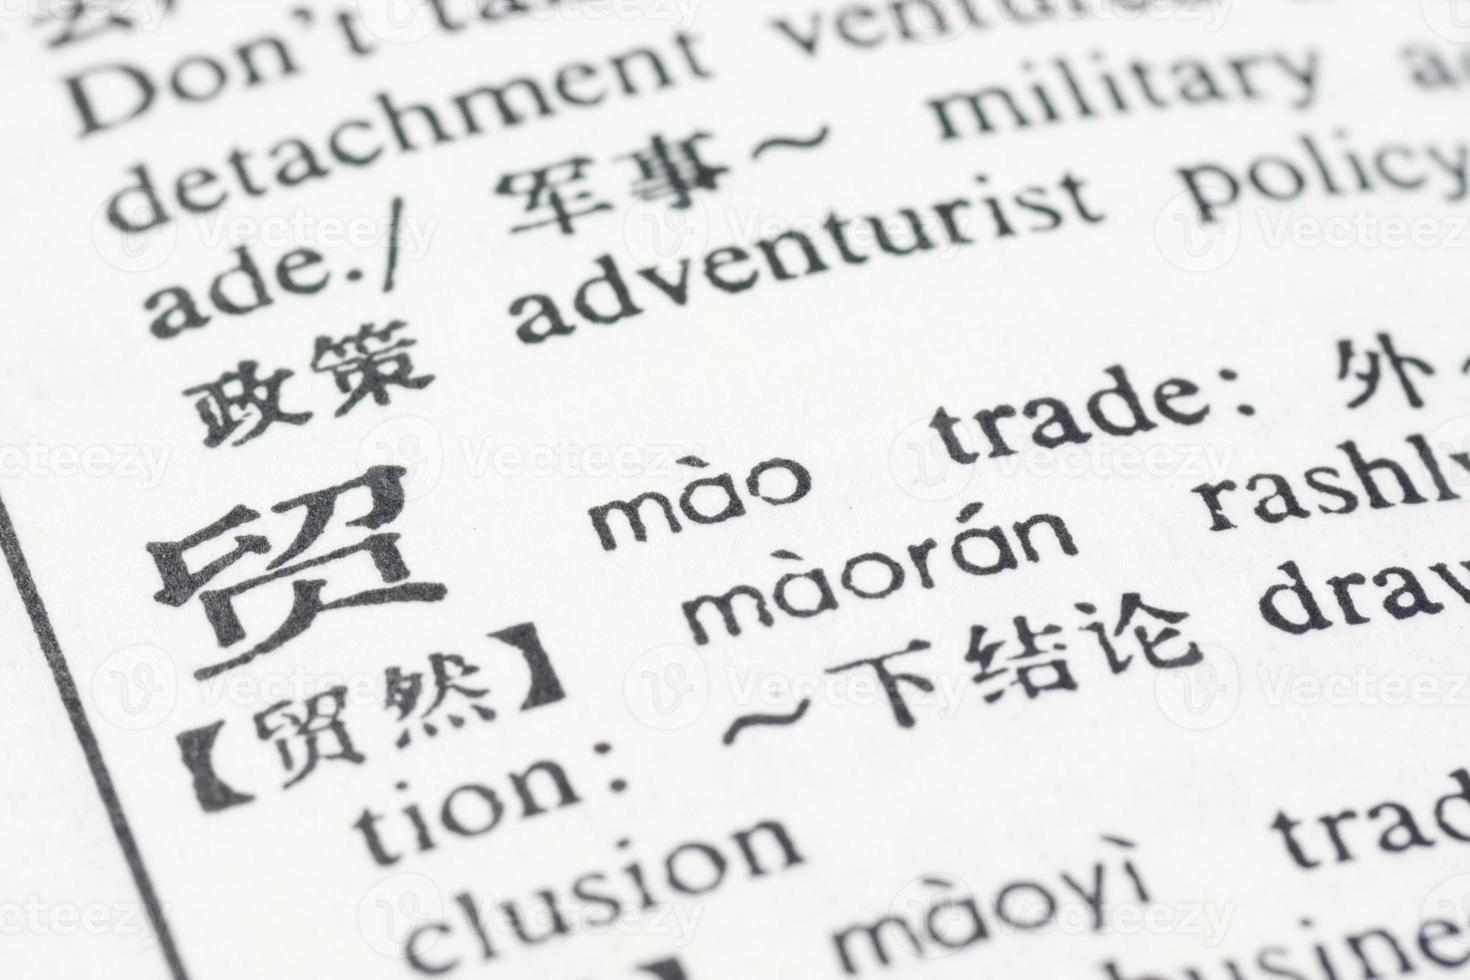 handel geschreven in het Chinees foto